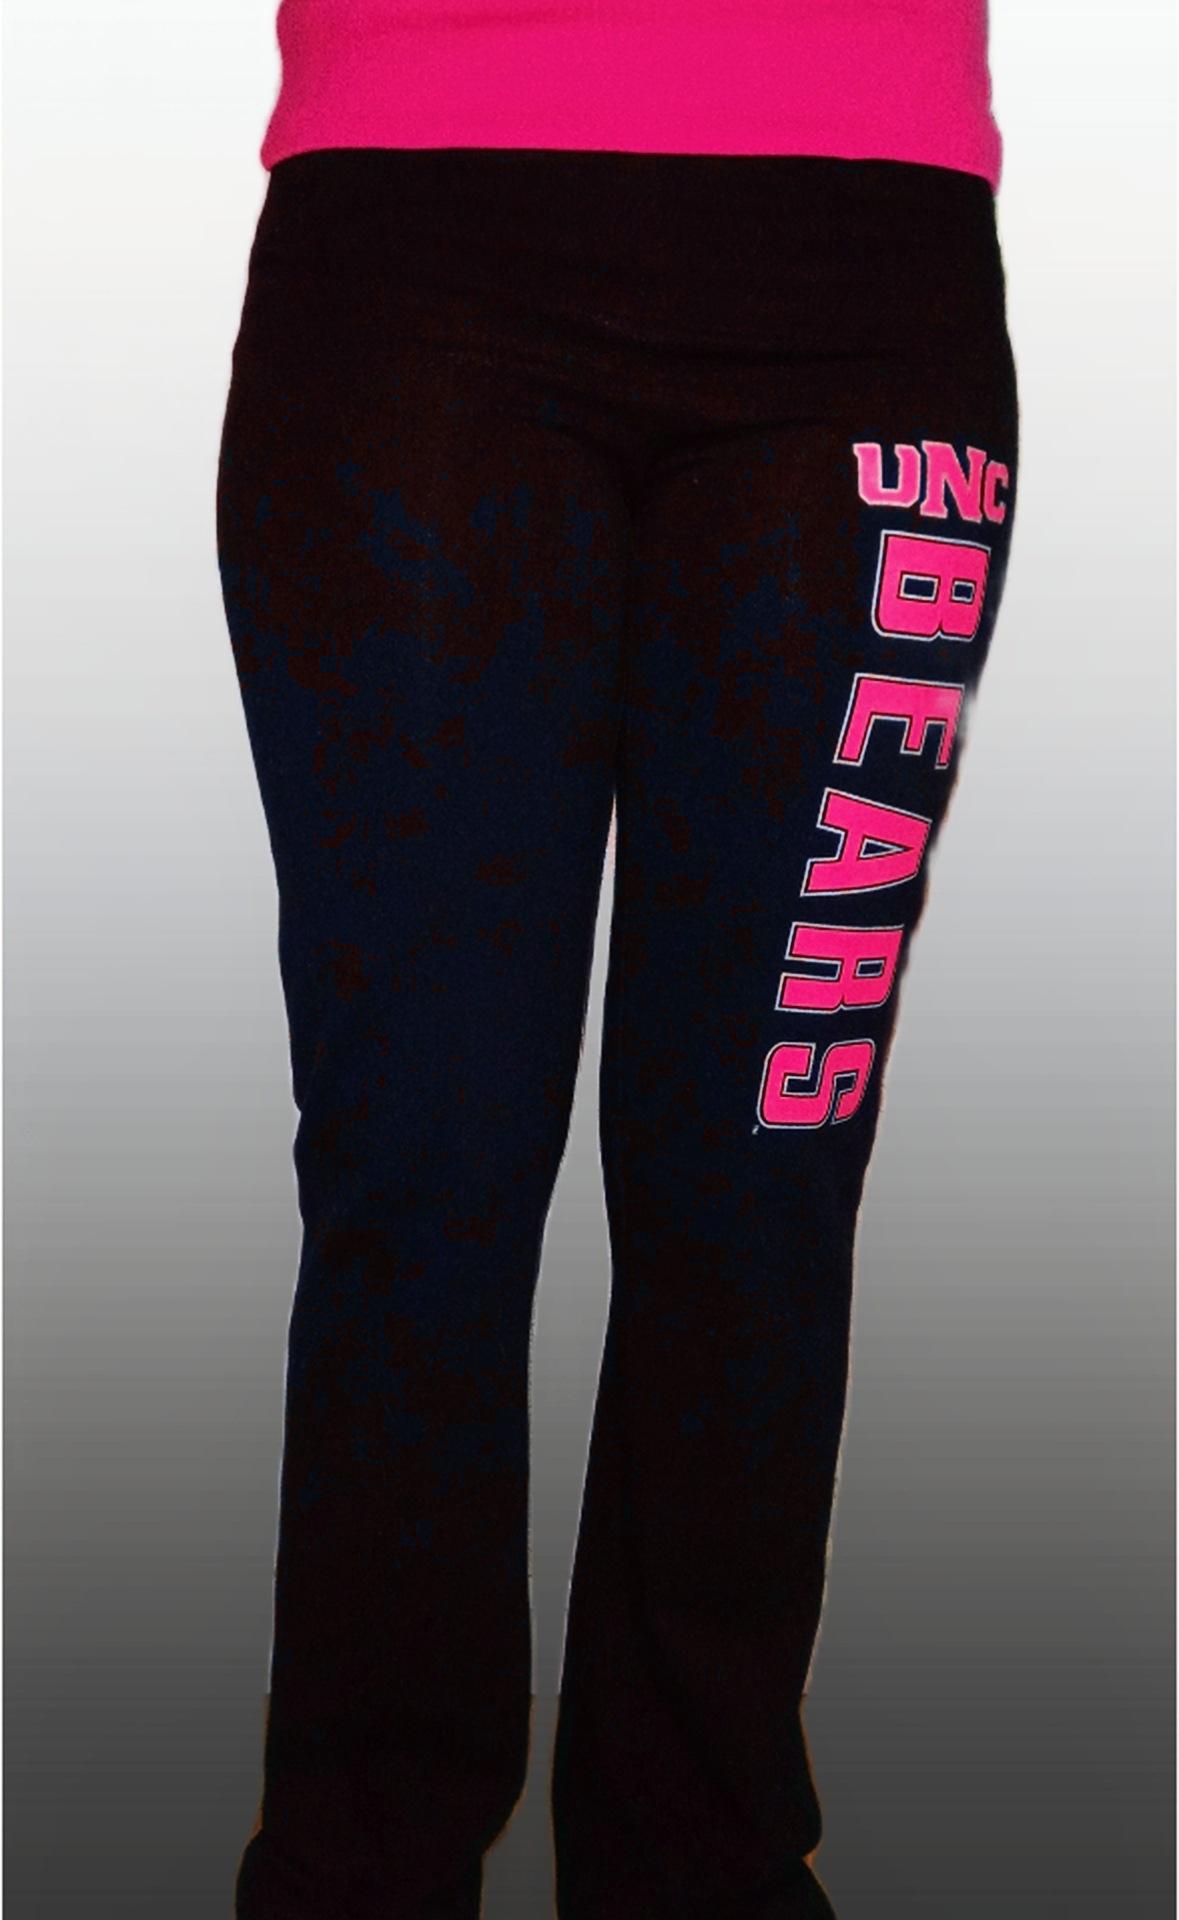 UNC Bears Yoga Pants